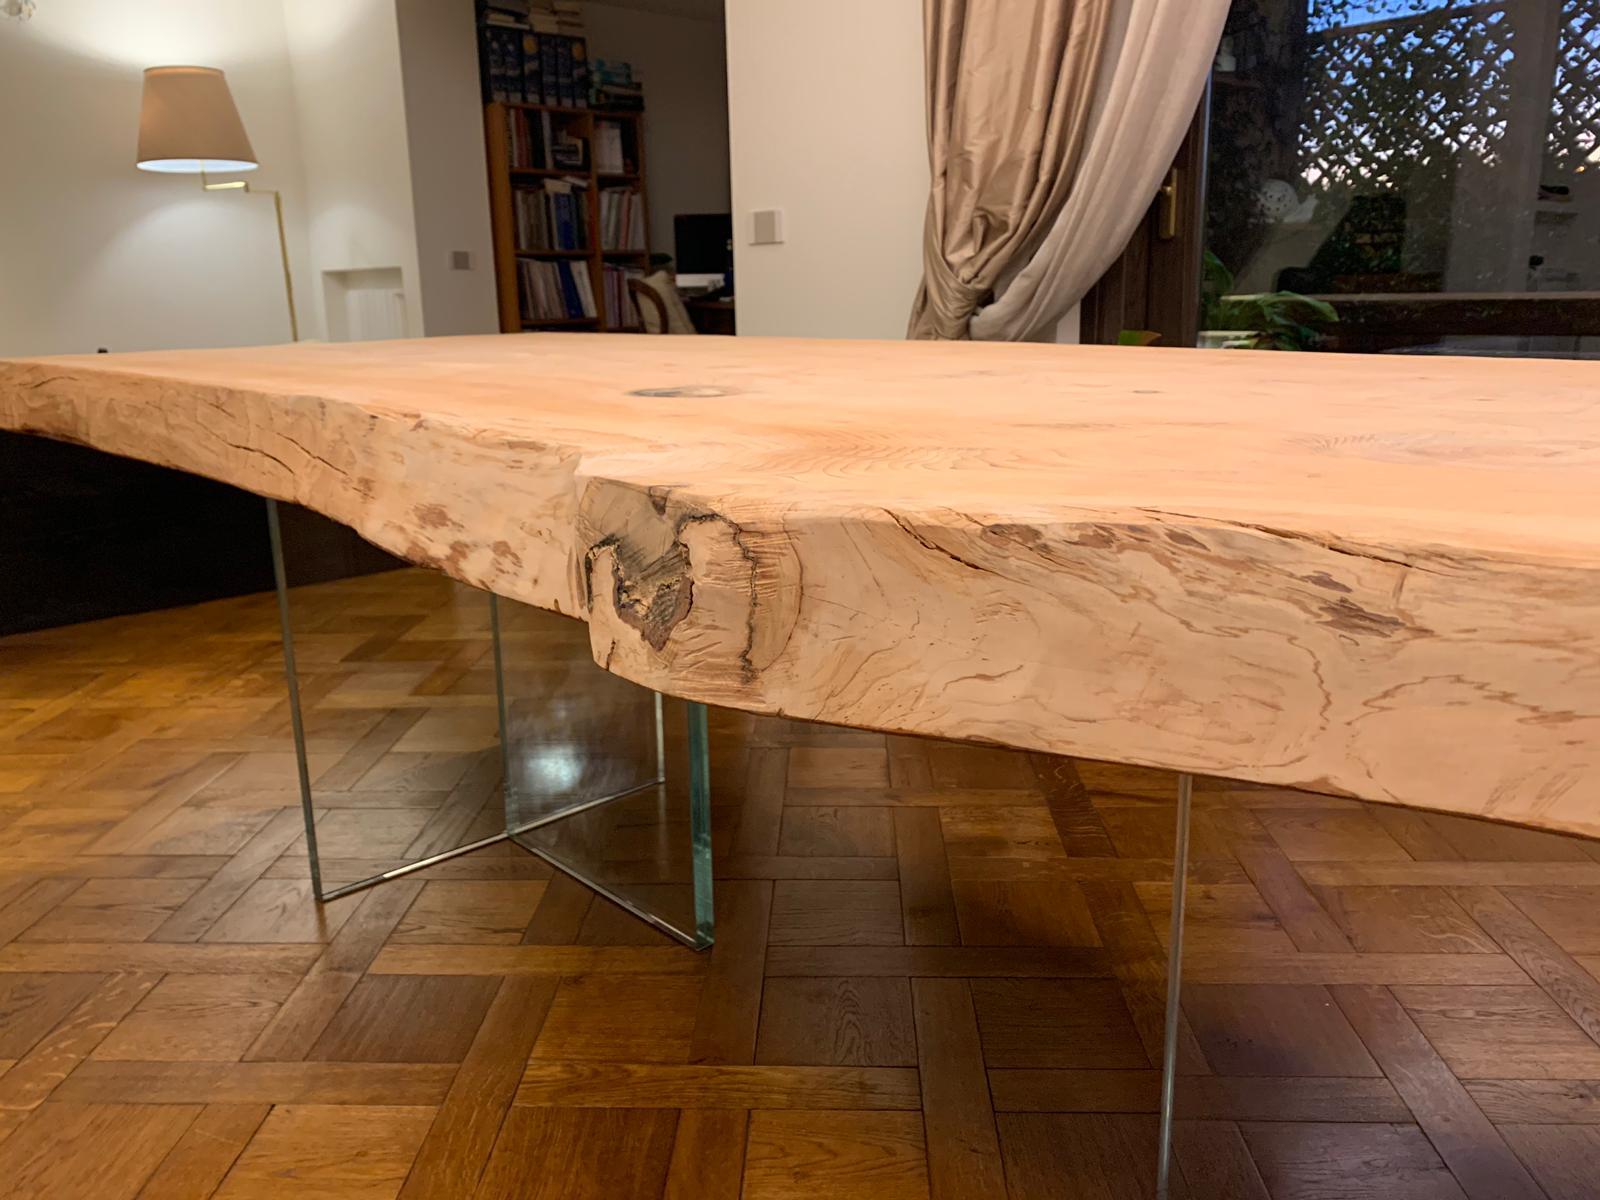 tavolo piano legno corteccia ESCAPE='HTML'